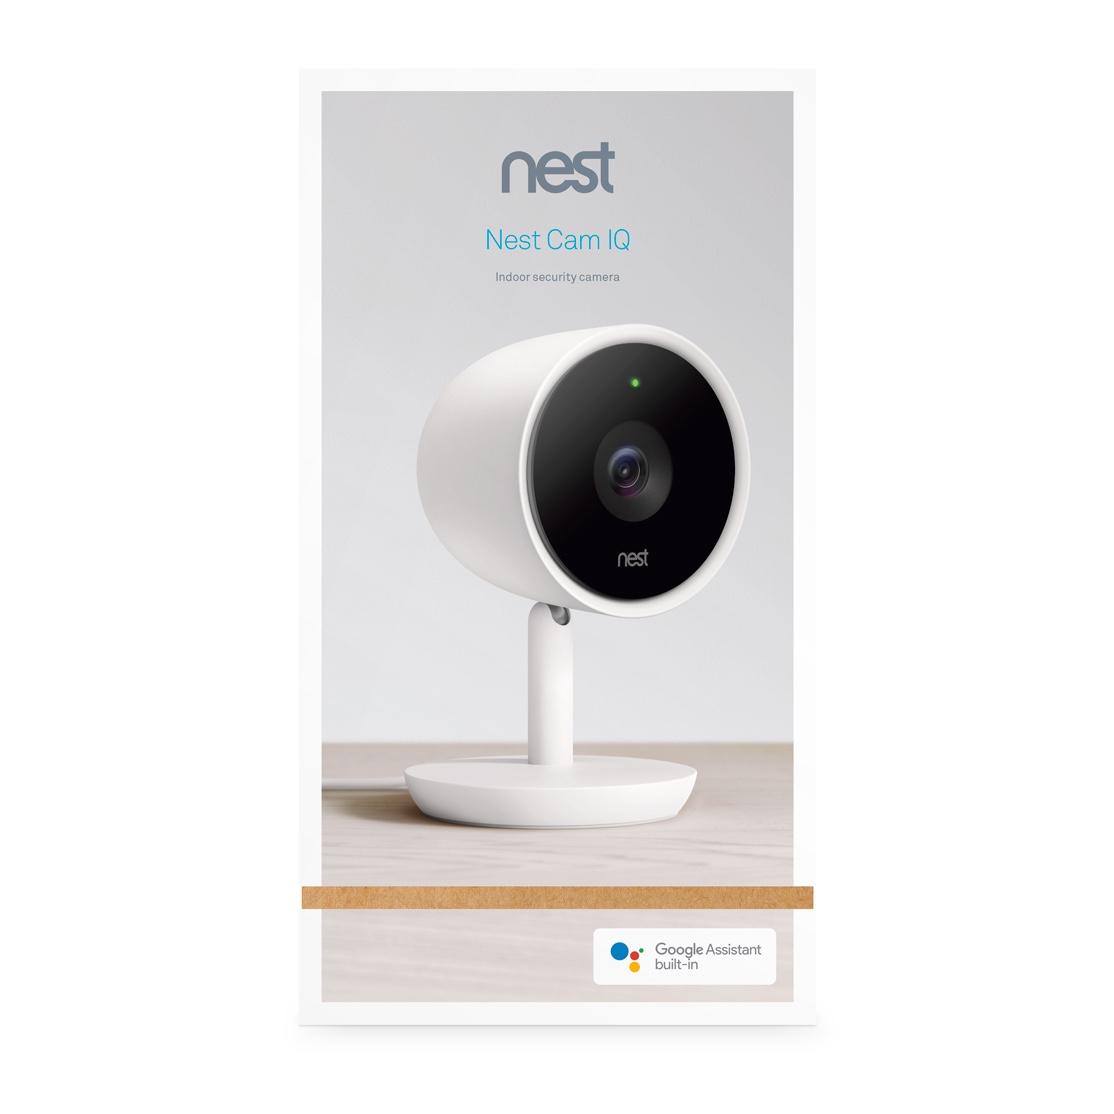 Nest Cams just got even smarter.